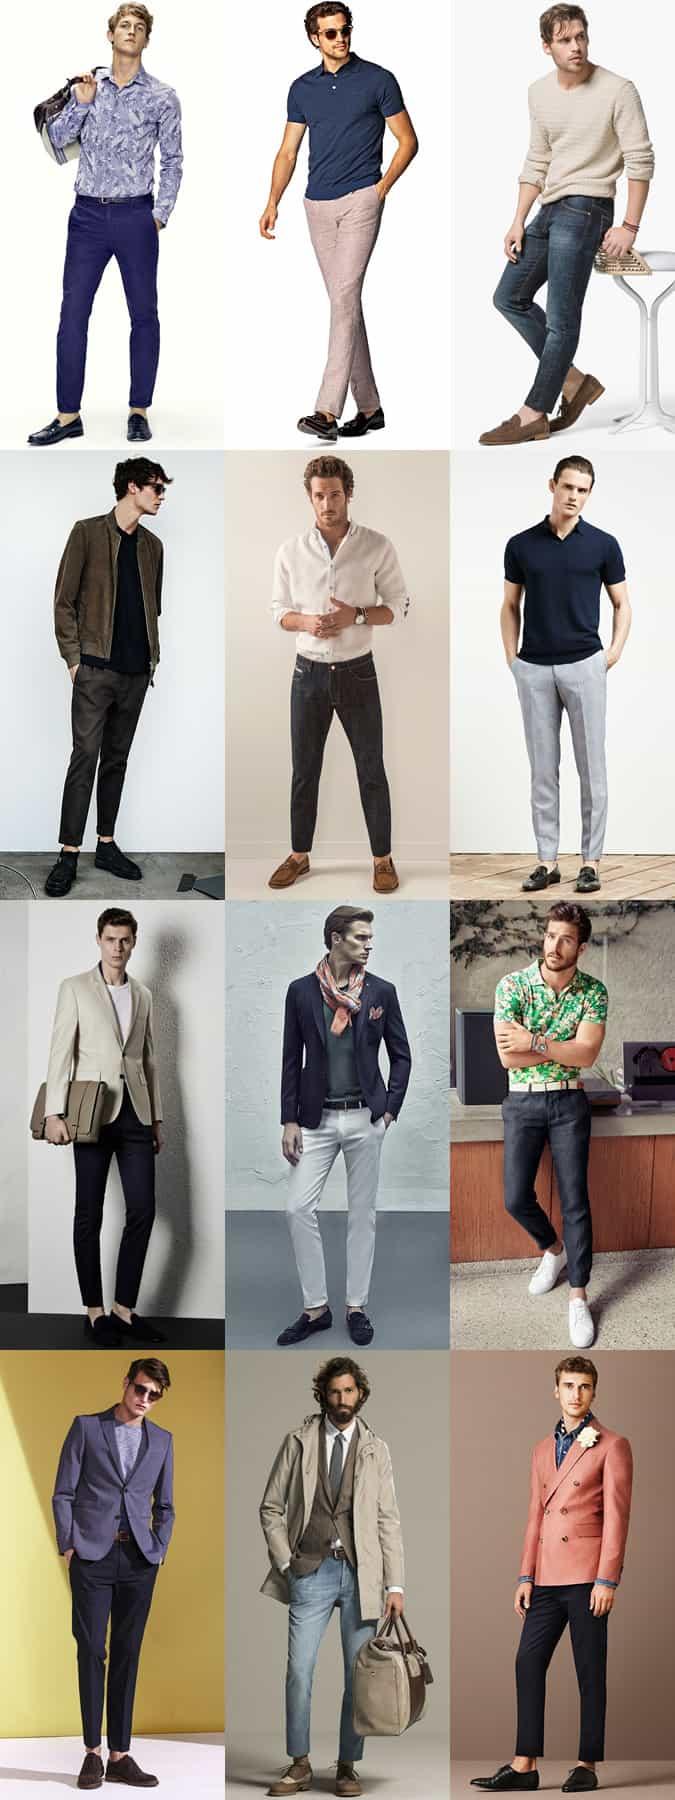 Tenues sans chaussettes pour hommes - Jeans, pantalons chino et pantalons slim et fuselés